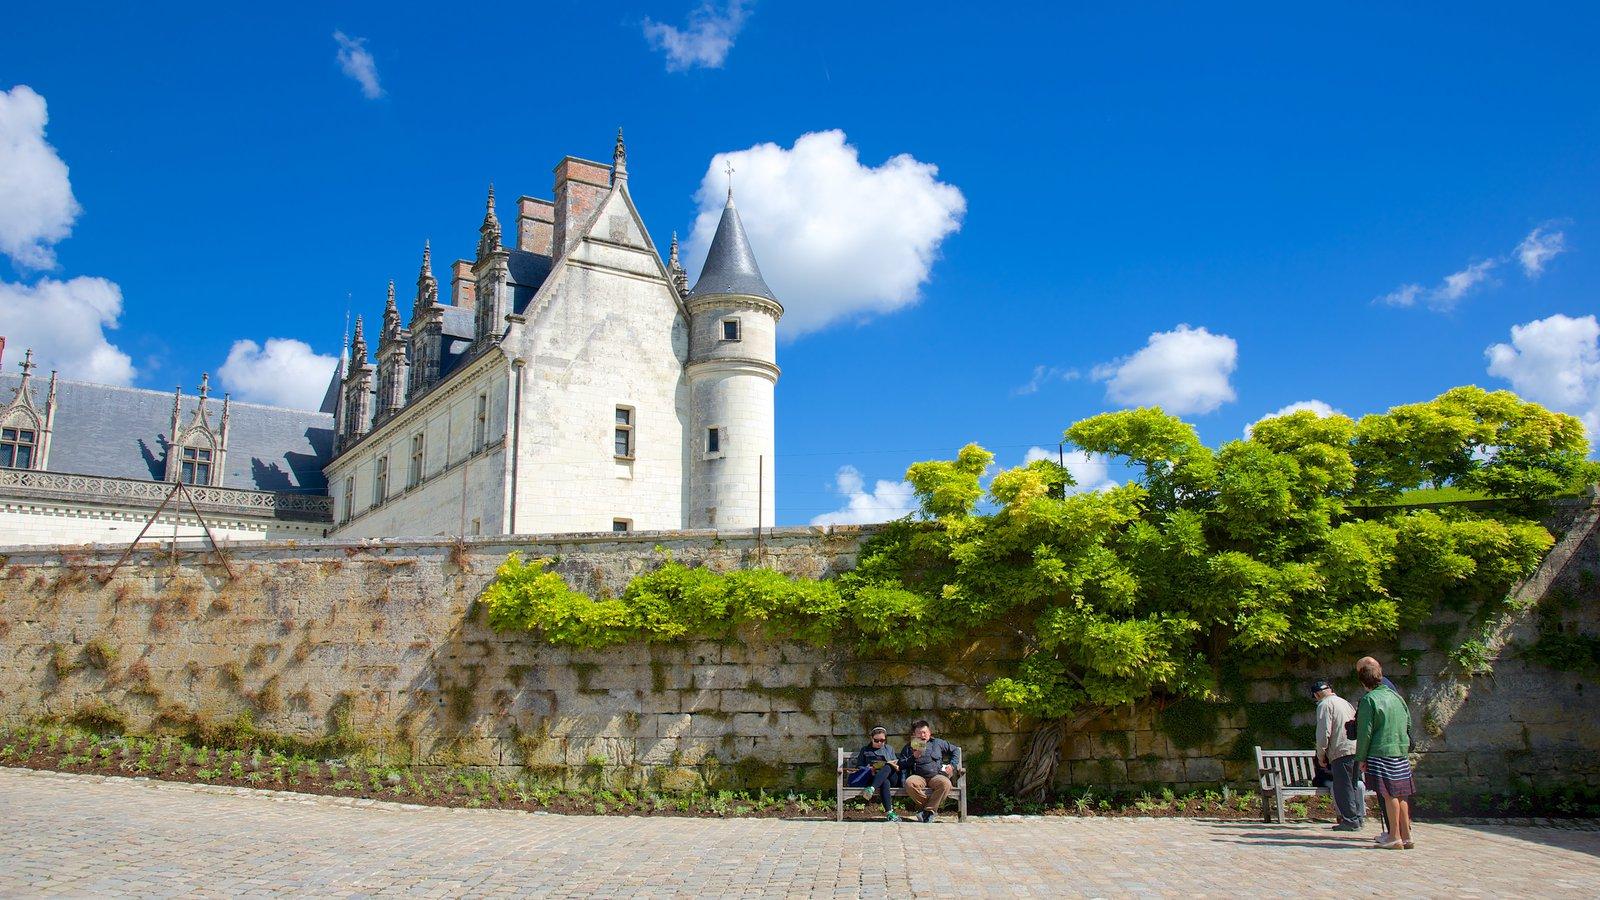 Chateau d\'Amboise mostrando um jardim e um pequeno castelo ou palácio